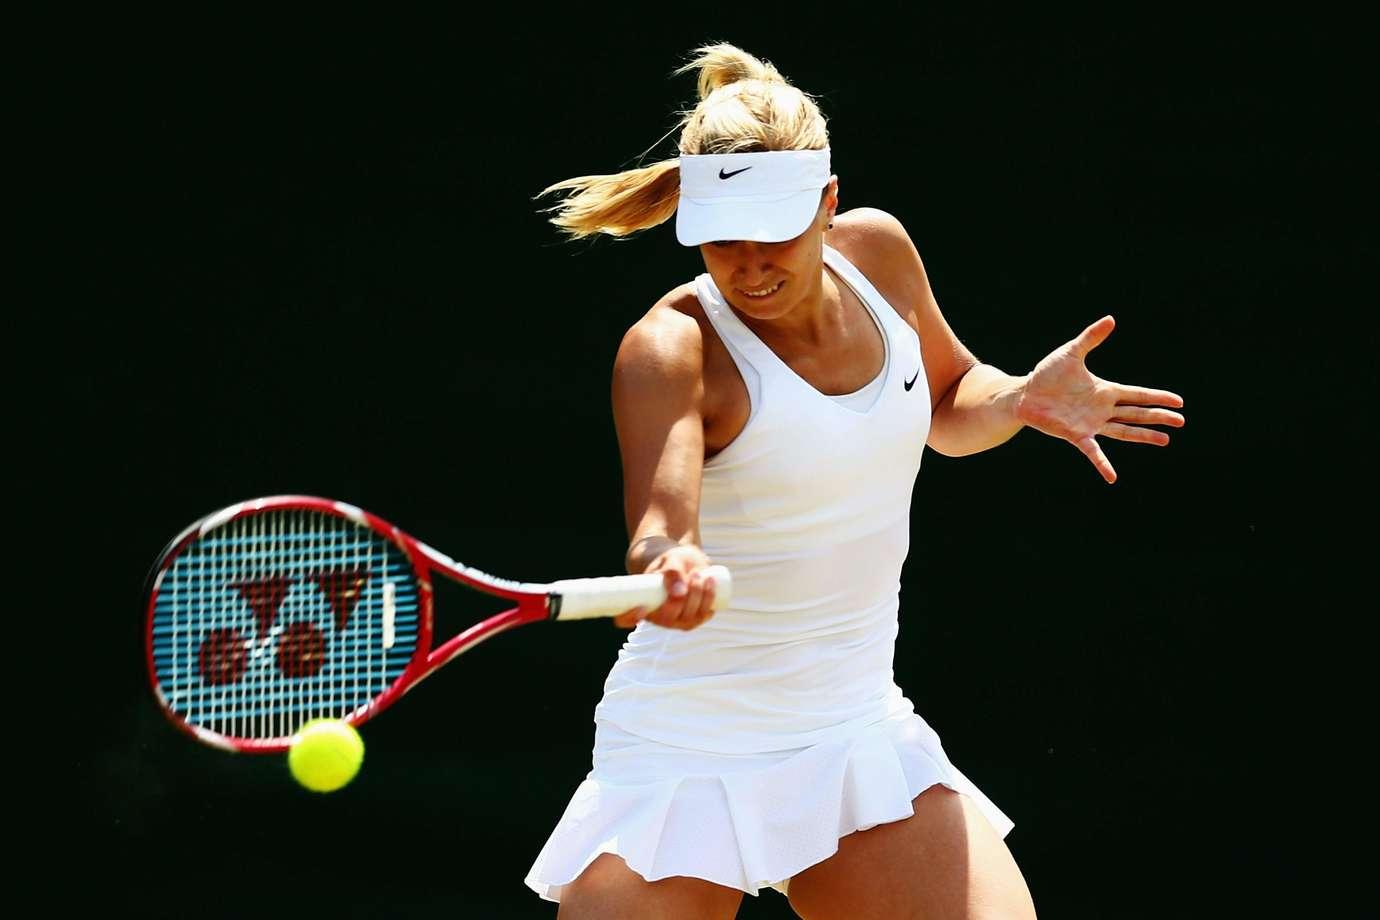 Теннисистки голые знаменитые